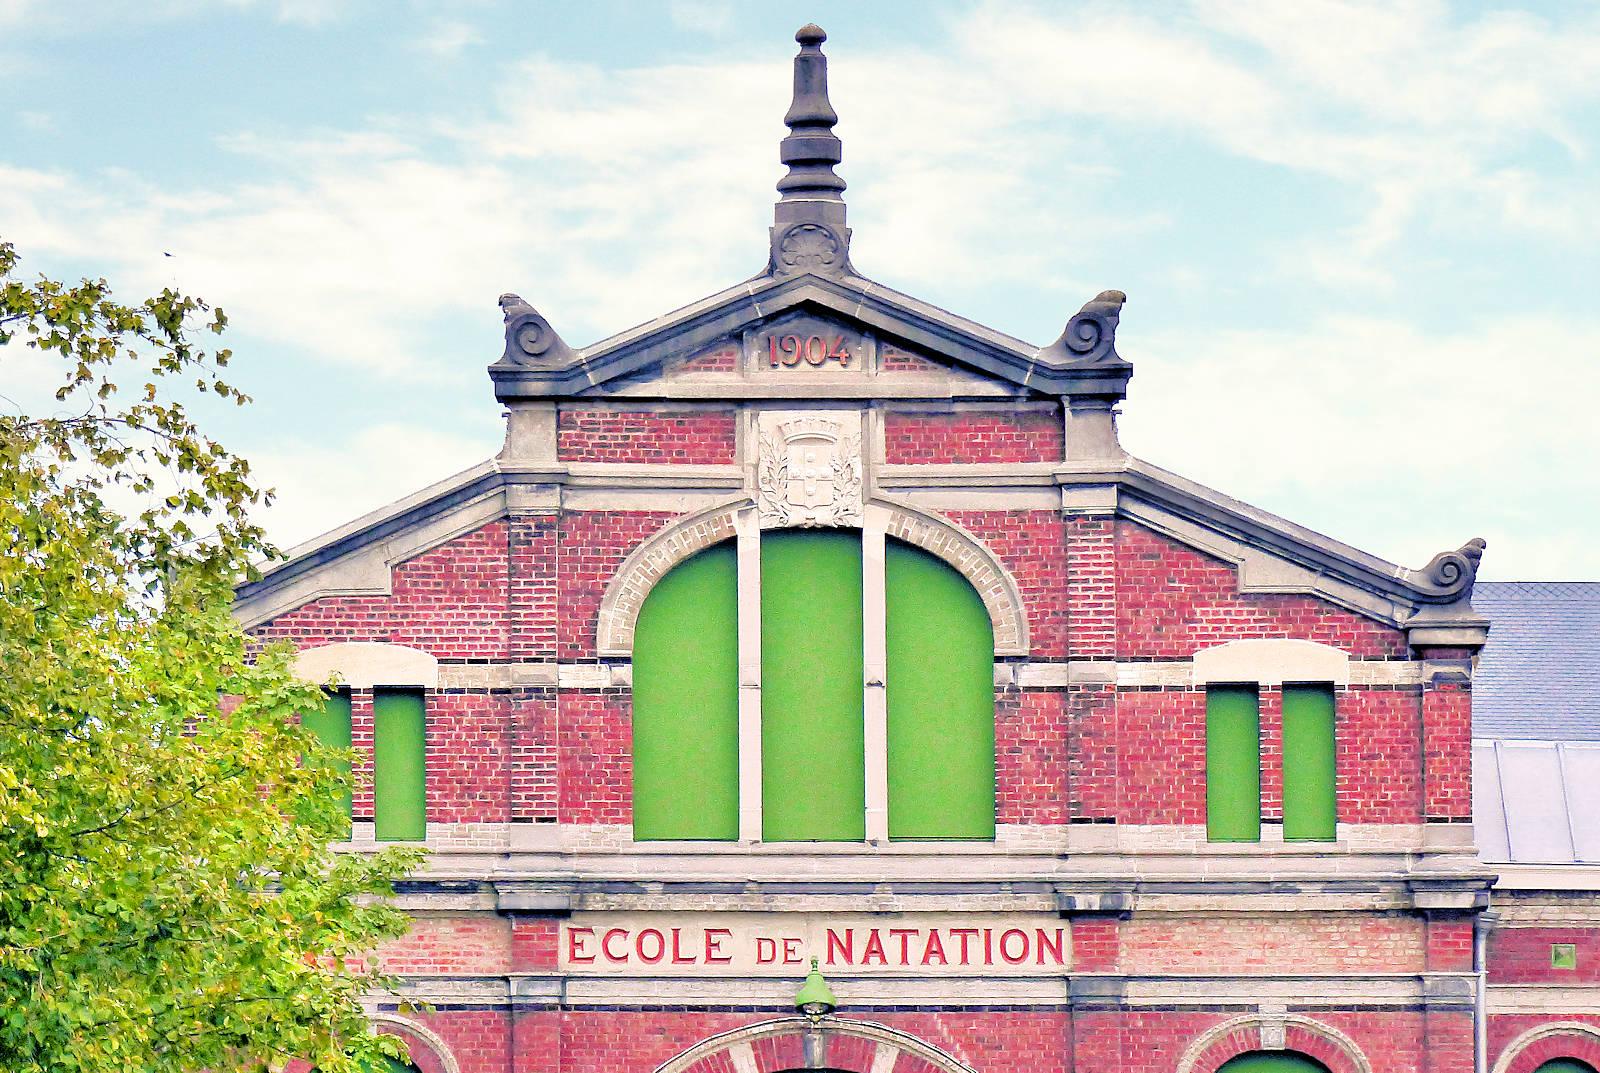 École de Natation de 1904 - Histoire de Tourcoing